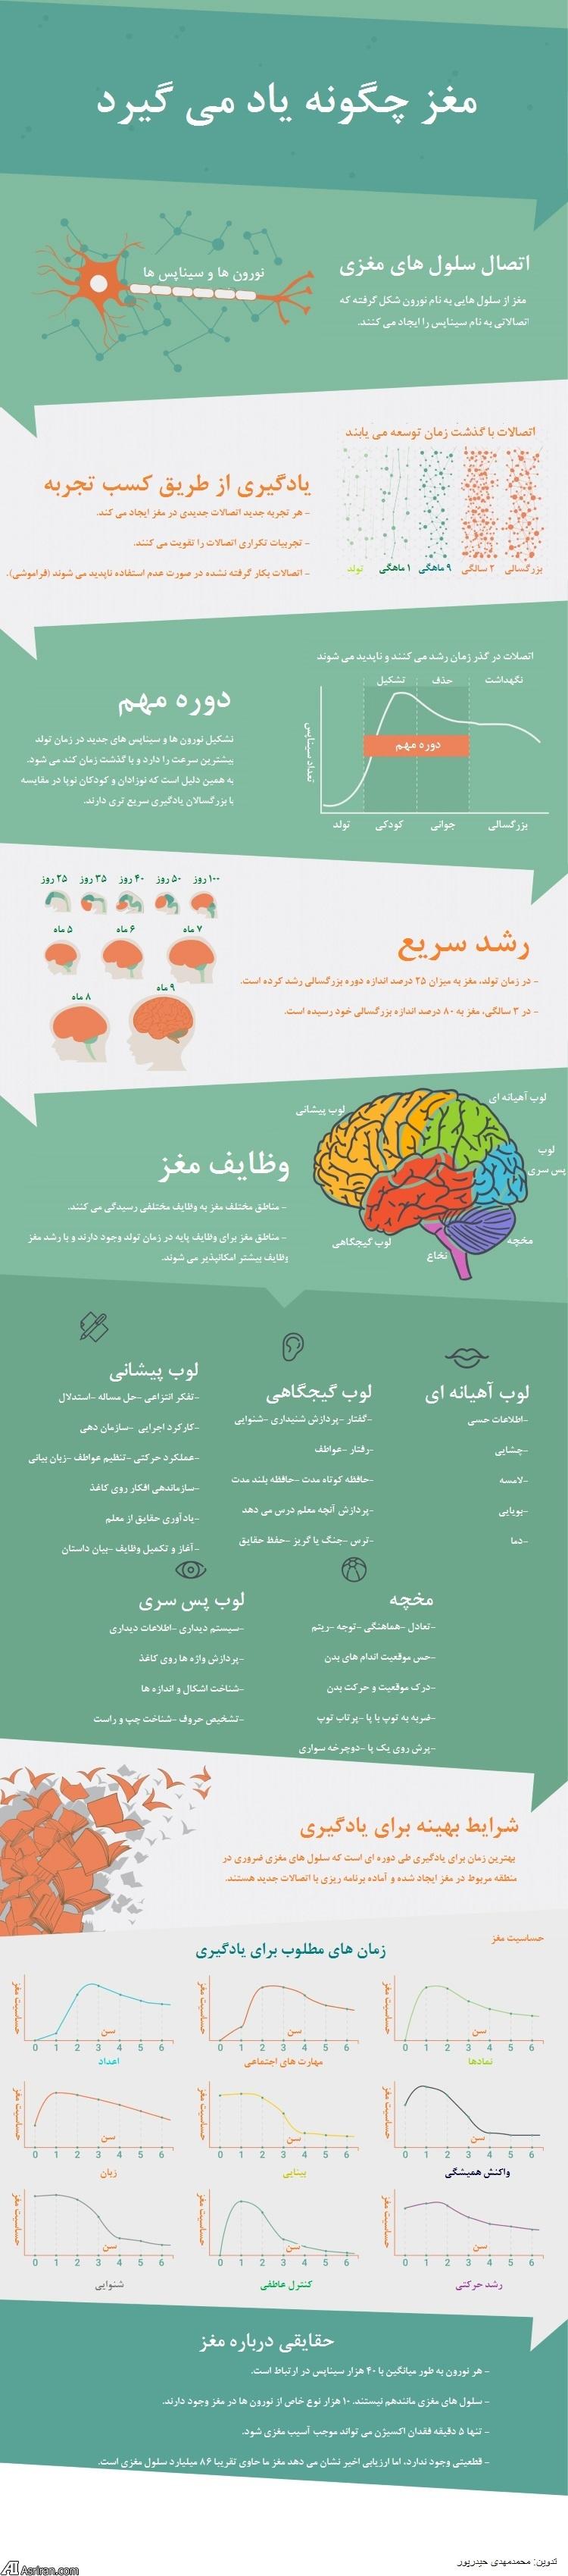 رشد و تکامل ذهنی در کودکان صفر الی شش ساله